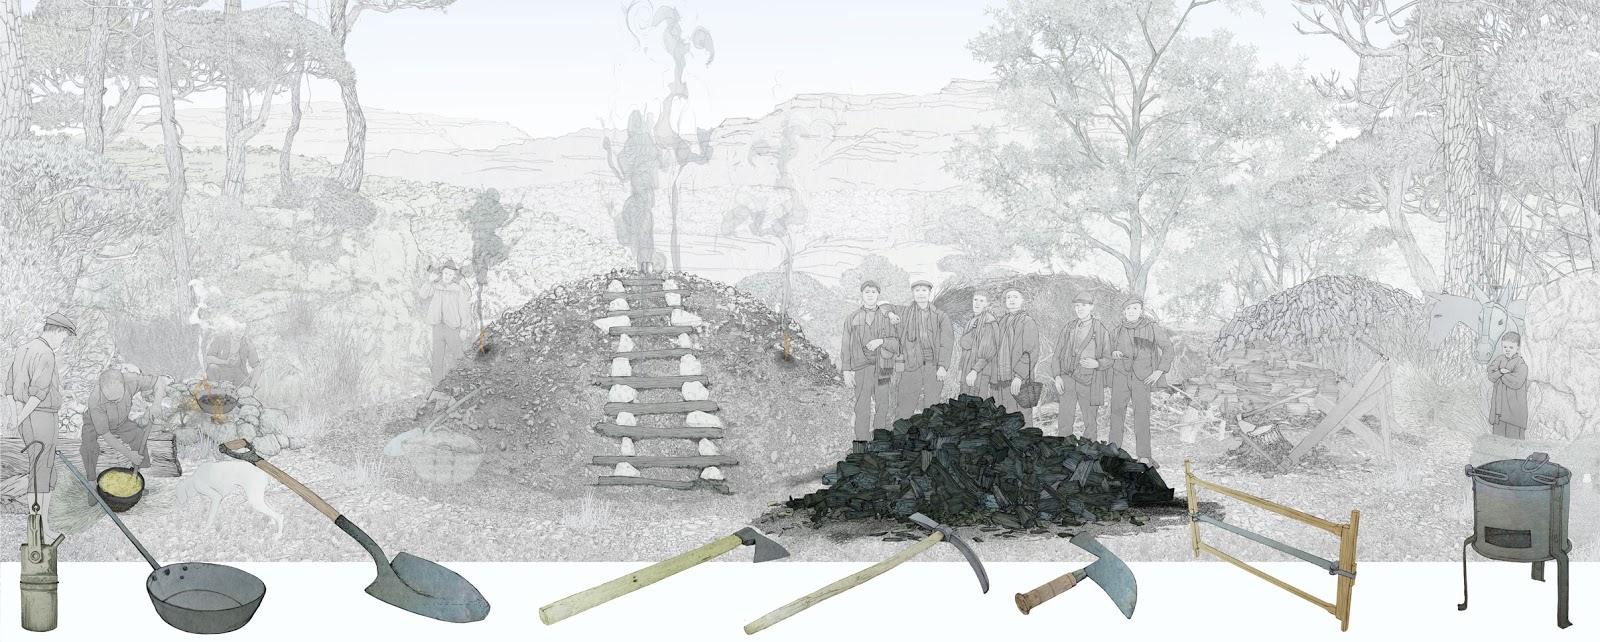 diorama en el que se muestran las carboneras, haciendo carbon vegetal, herramientas